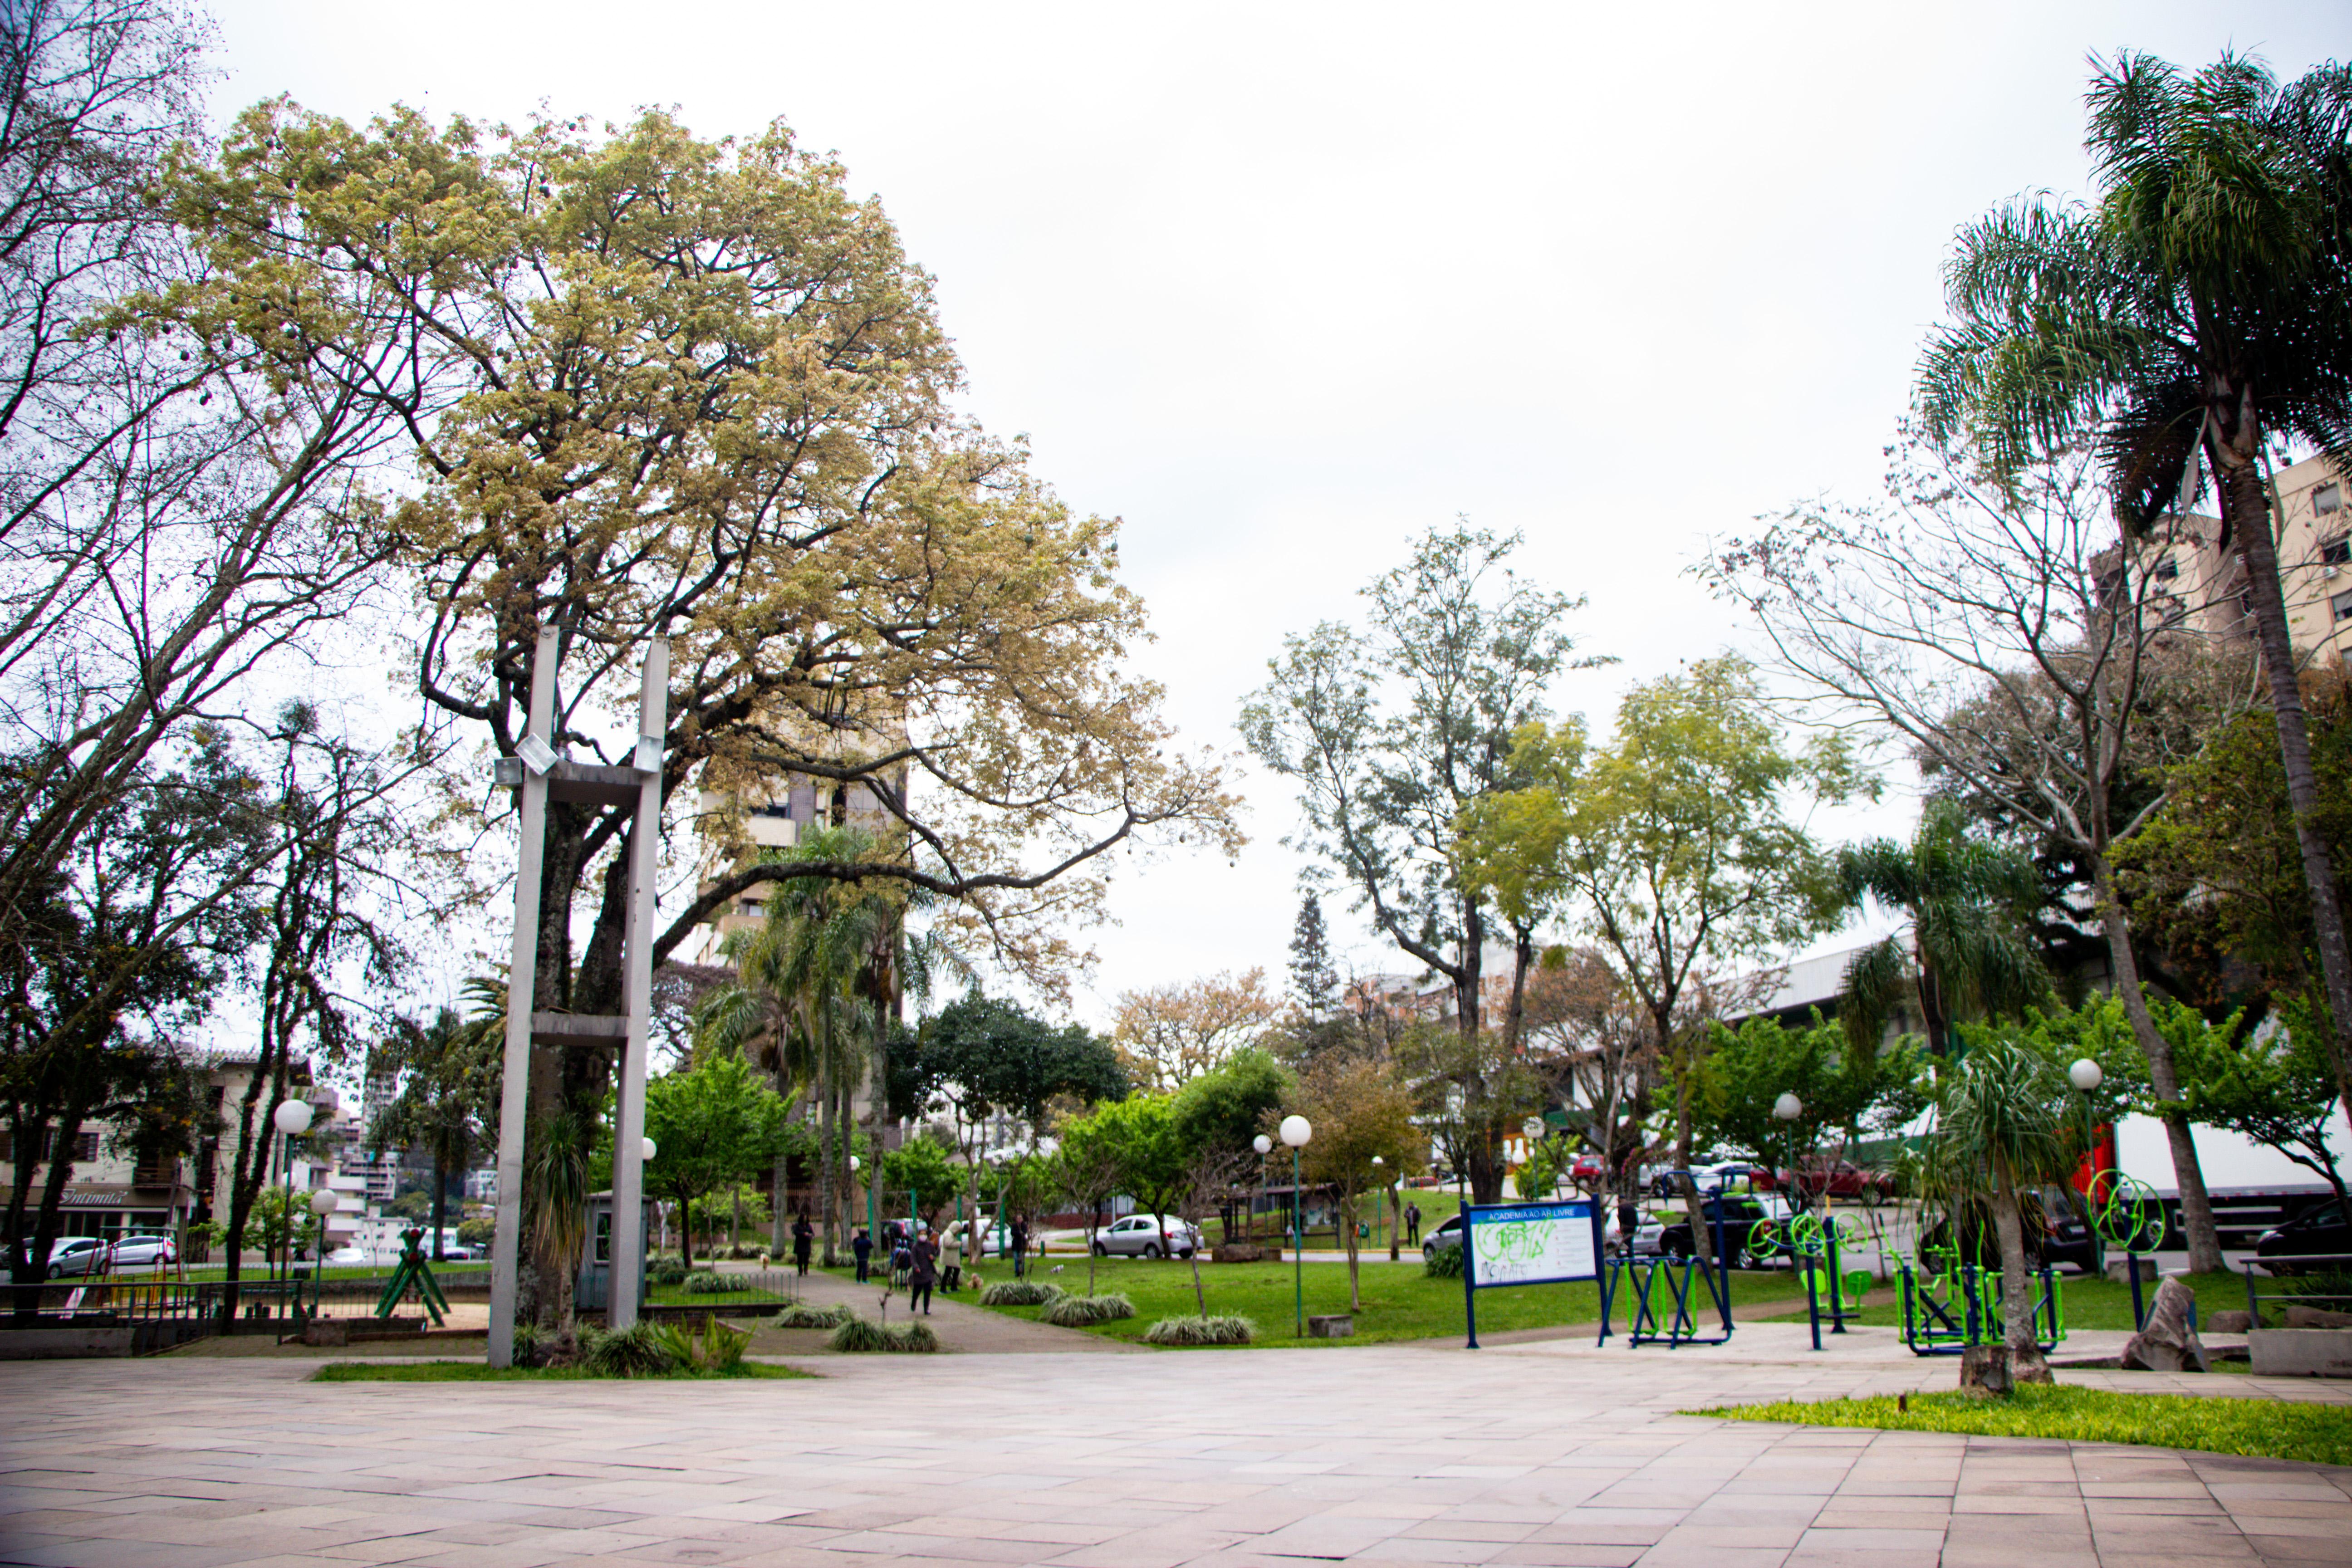 Praça Dr. Vico Barbieri BENTO GONÇALVES